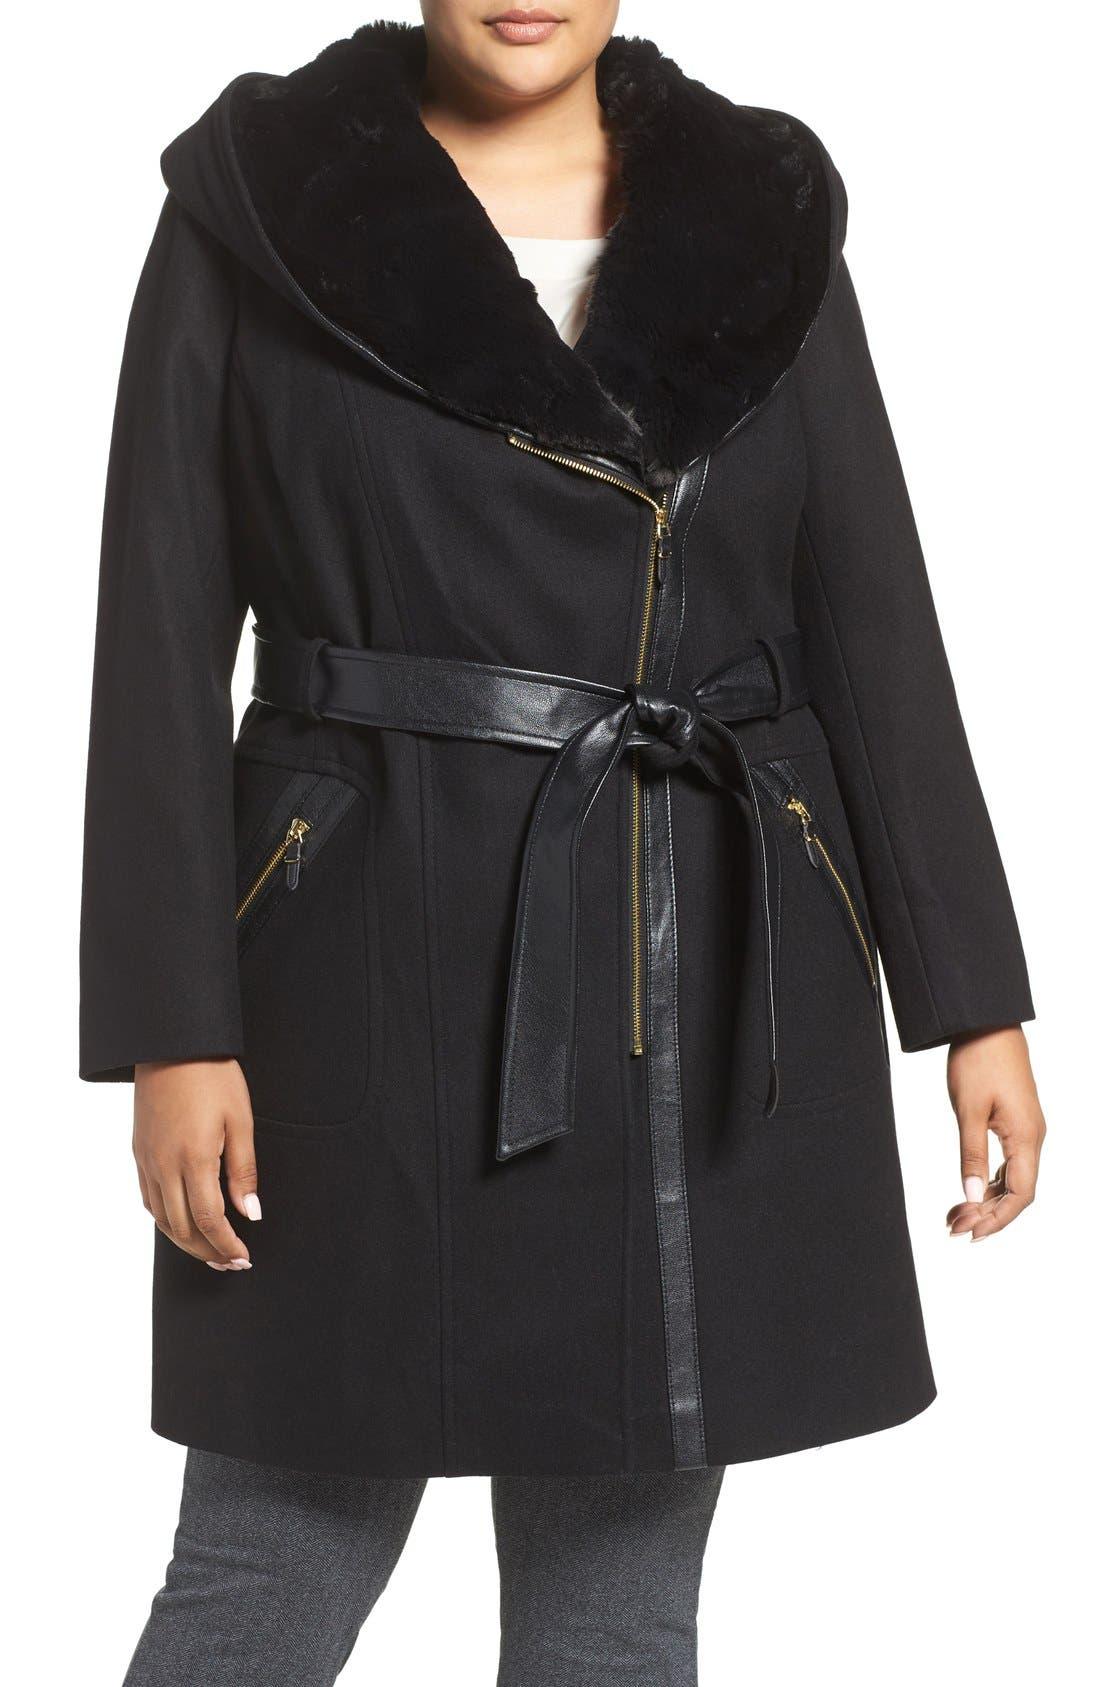 Wool Blend Coat with Faux Fur Trim,                             Main thumbnail 1, color,                             001